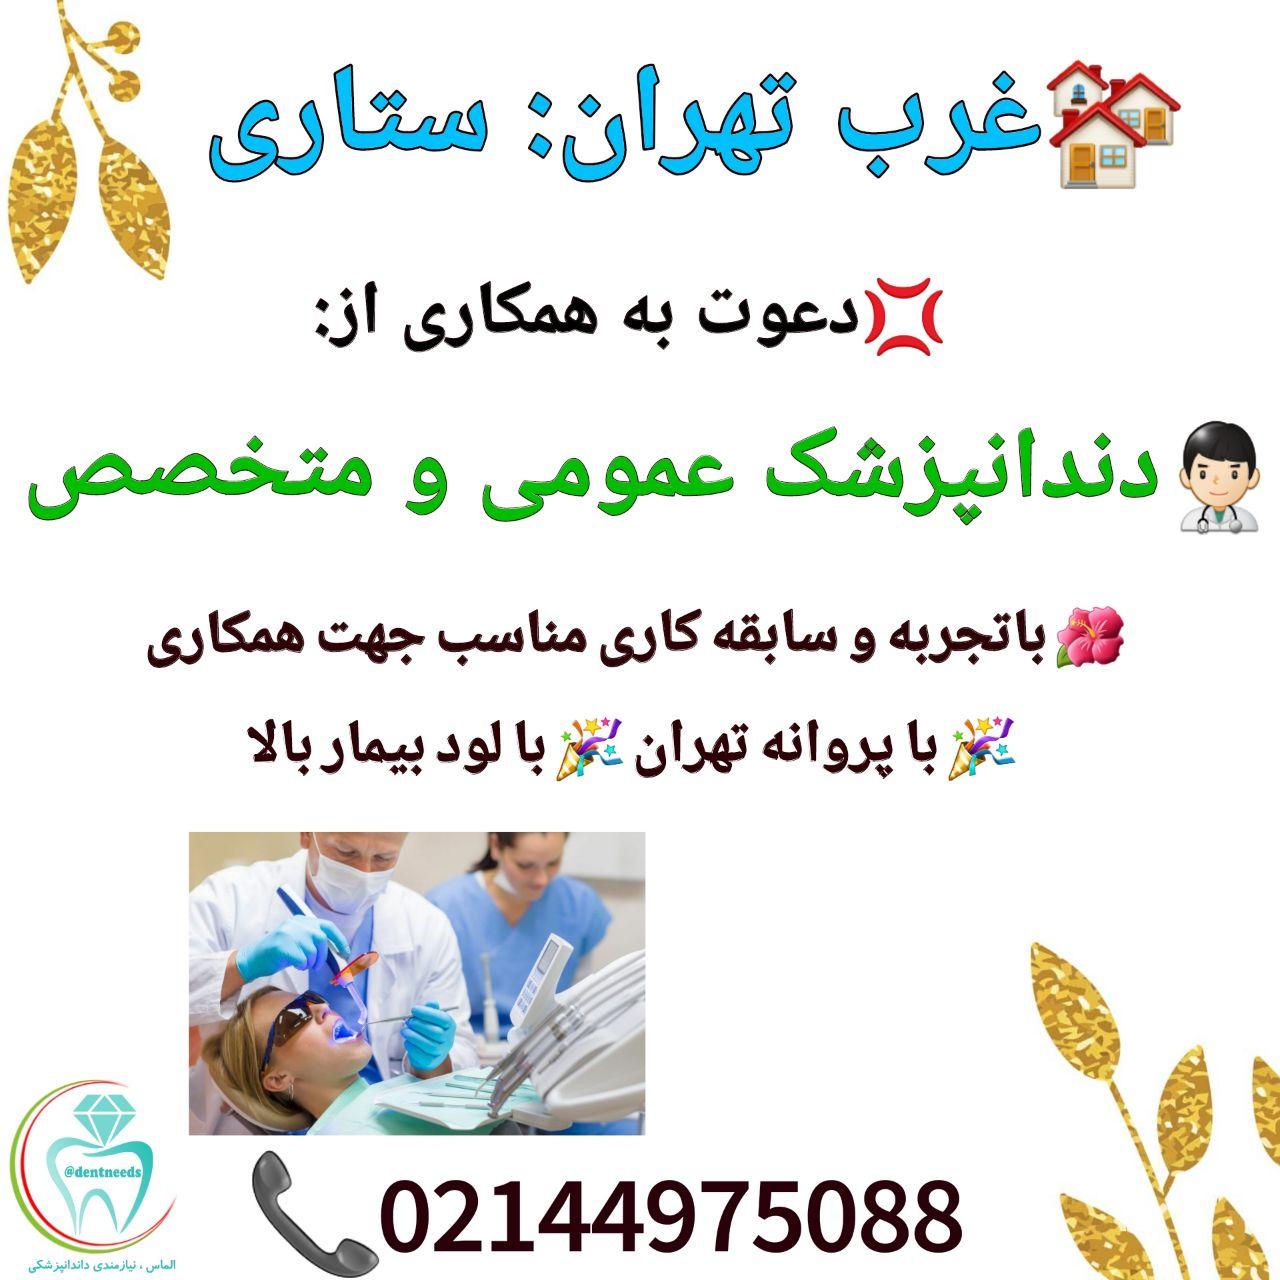 غرب تهران: ستاری، نیاز به دندانپزشک عمومی و متخصص